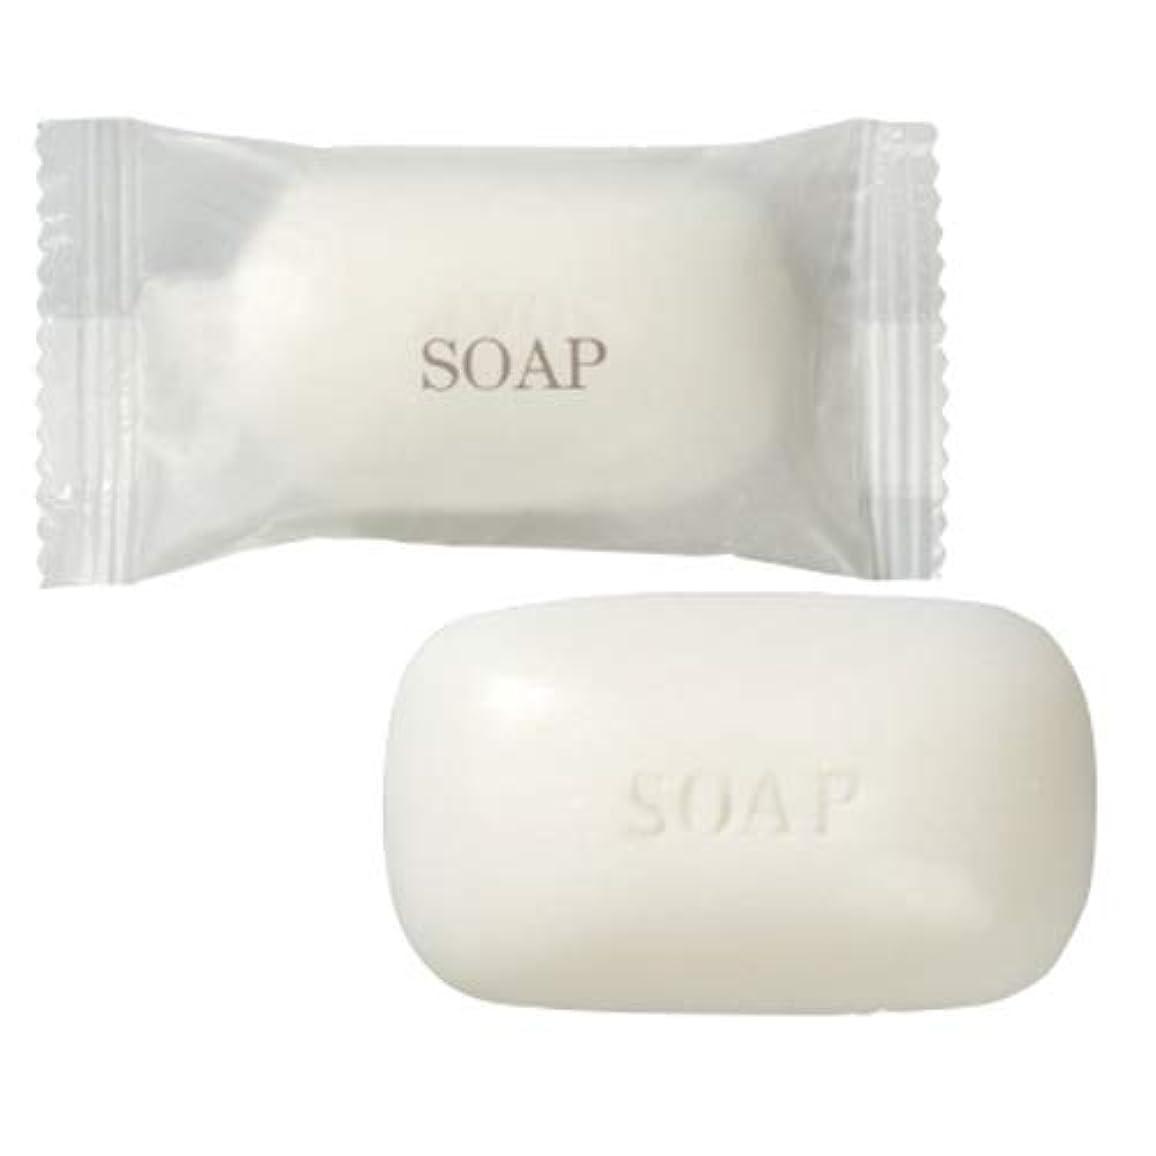 木曜日音楽腐敗業務用 フィードソープ(FEED SOAP) マット袋(M袋) 15g ×3個 | ホテルアメニティ 個包装